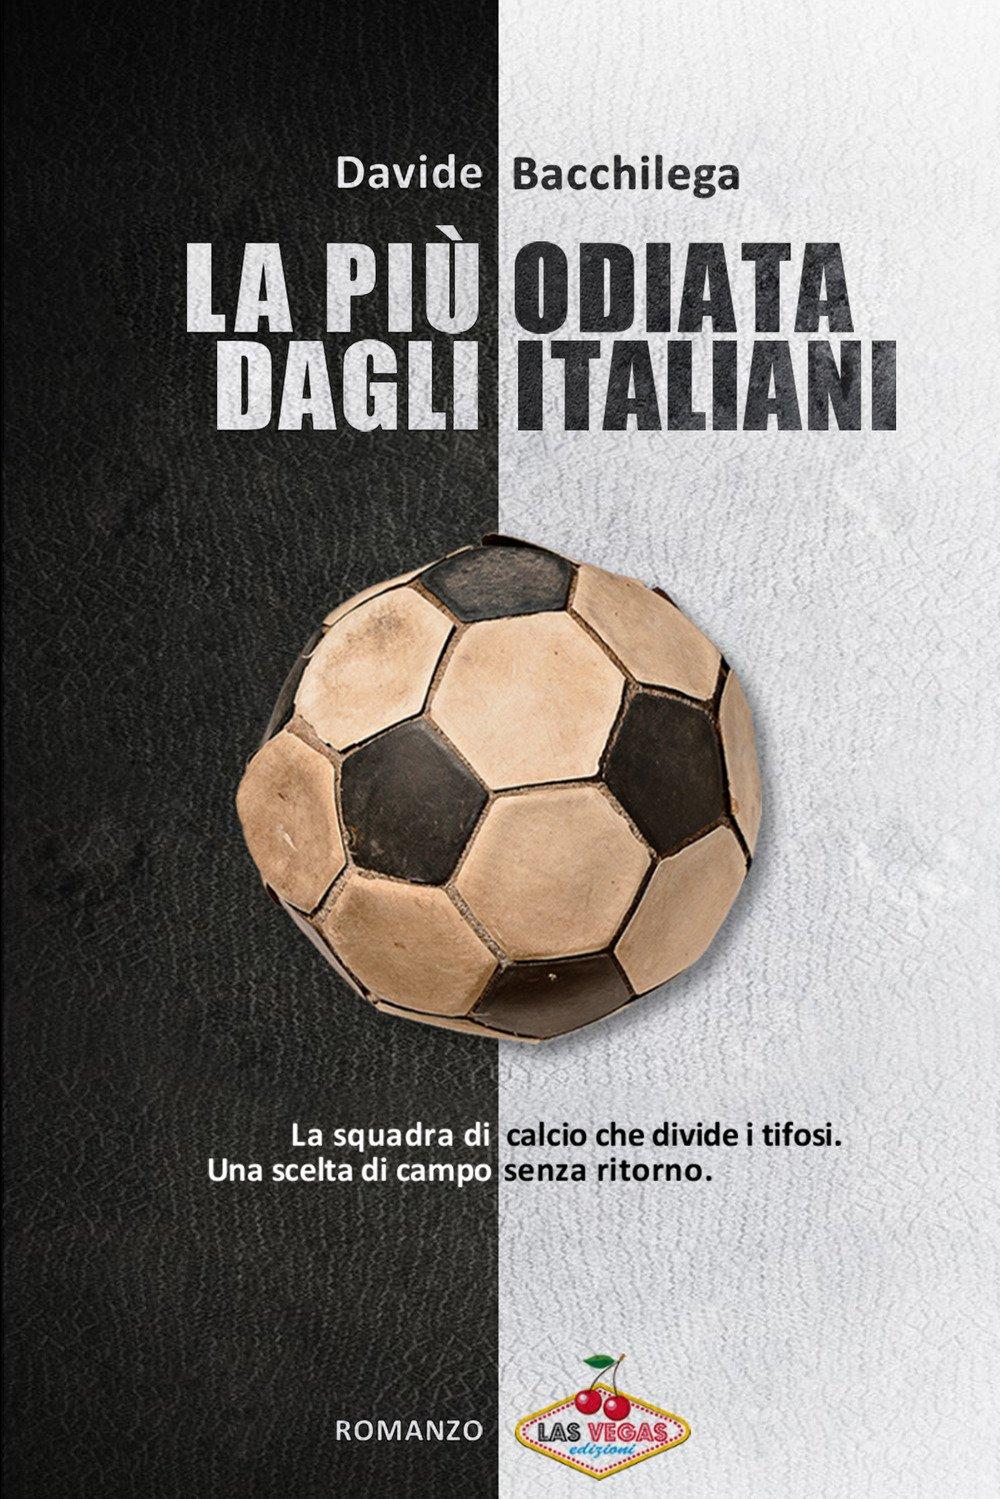 La più odiata dagli italiani